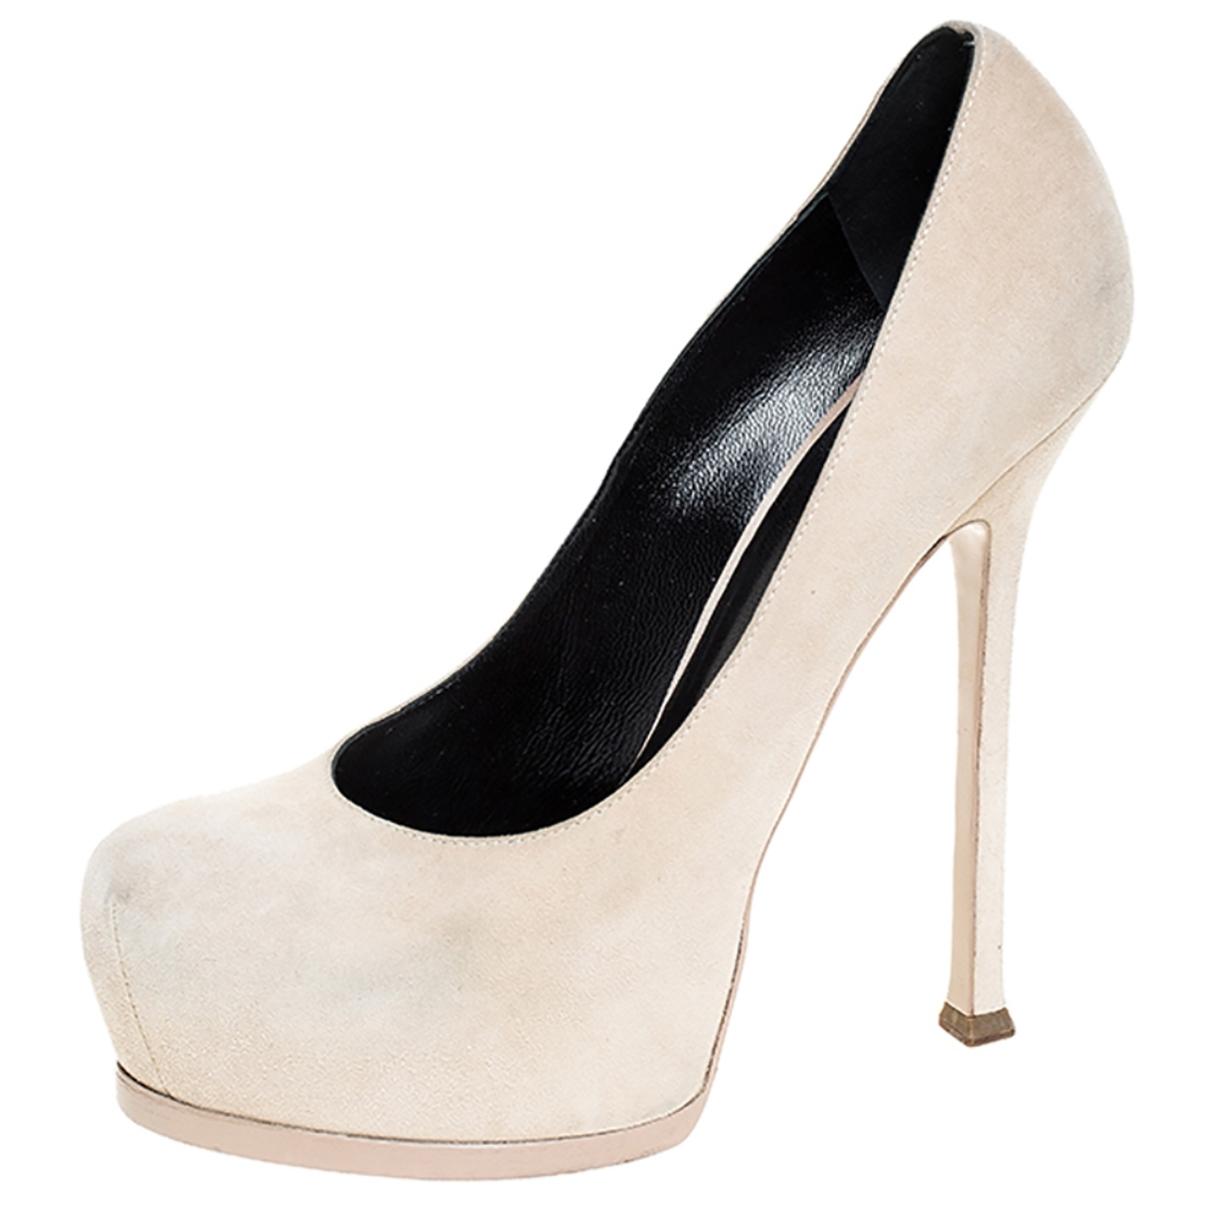 Saint Laurent \N Beige Leather Heels for Women 39.5 EU